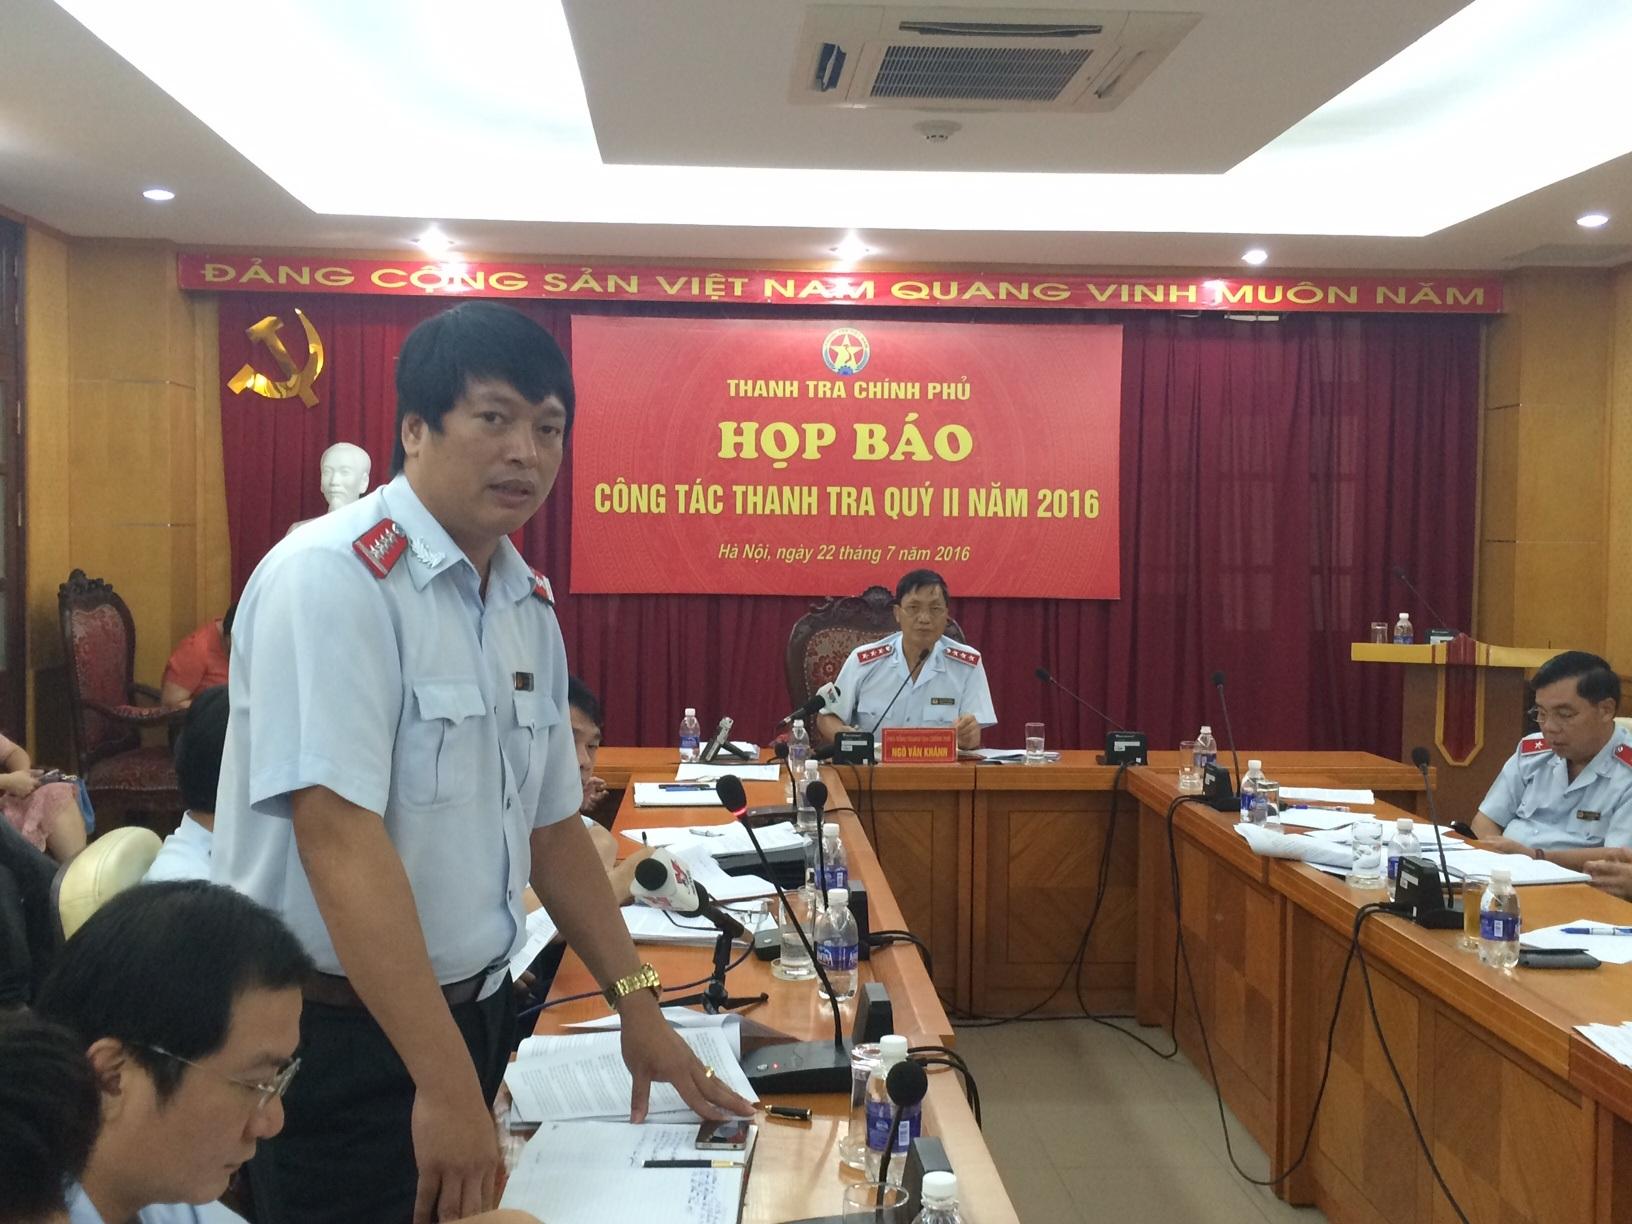 Ông Ngô Mạnh Hùng - Phó Cục trưởng Cục Chống tham nhũng trả lời tại cuộc họp báo (Ảnh: Thế Kha)